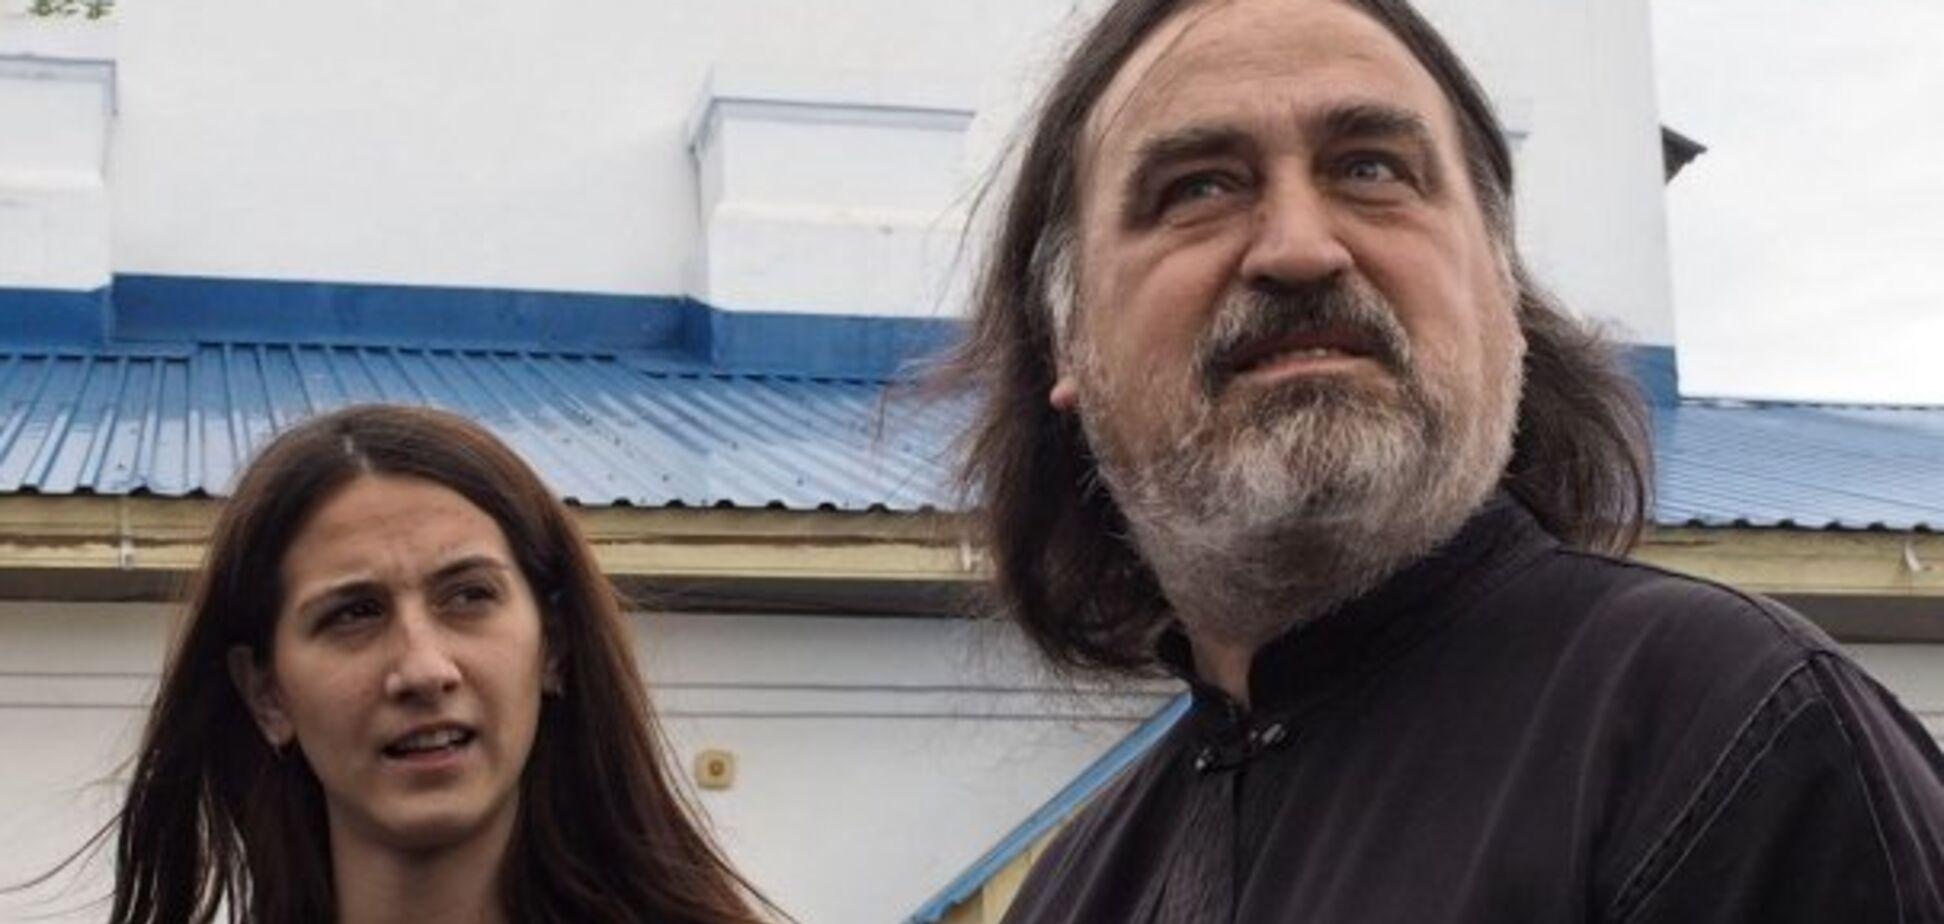 Мало не вбив немовля: що буде зі священиком РПЦ